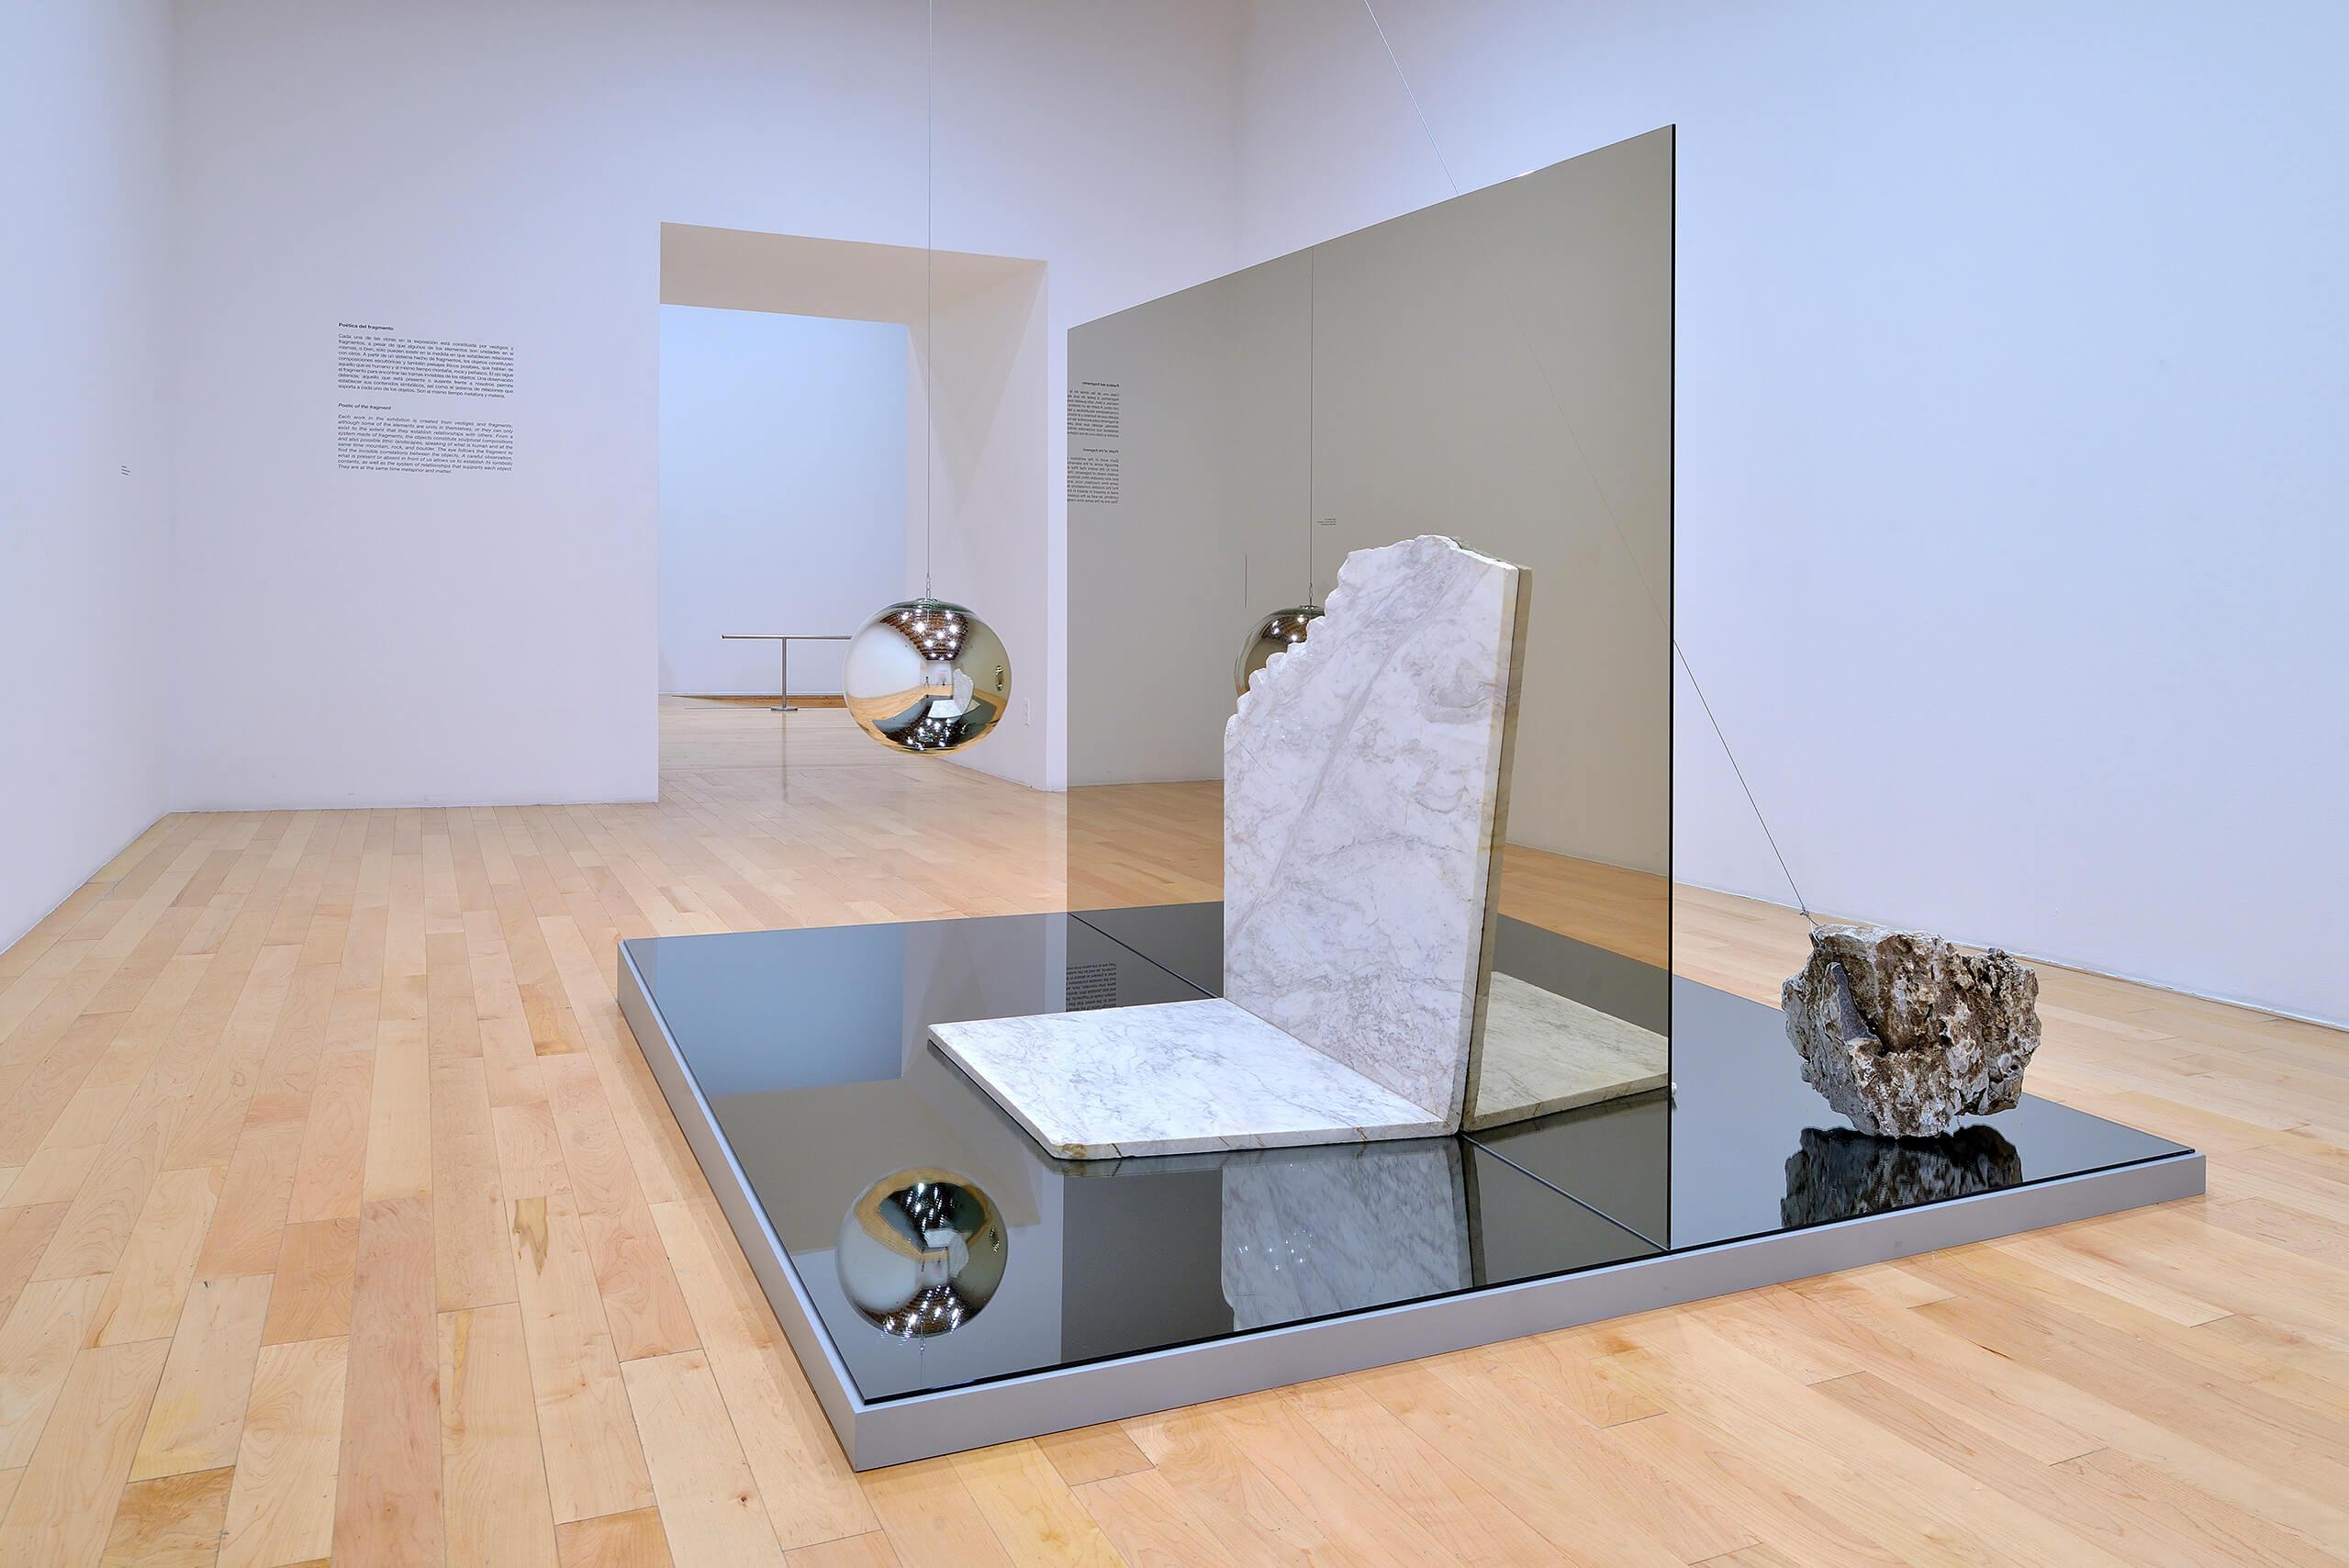 Paisaje Metafísico, 2019 | Jose Dávila. Pensar como una montaña | Museo Amparo, Puebla